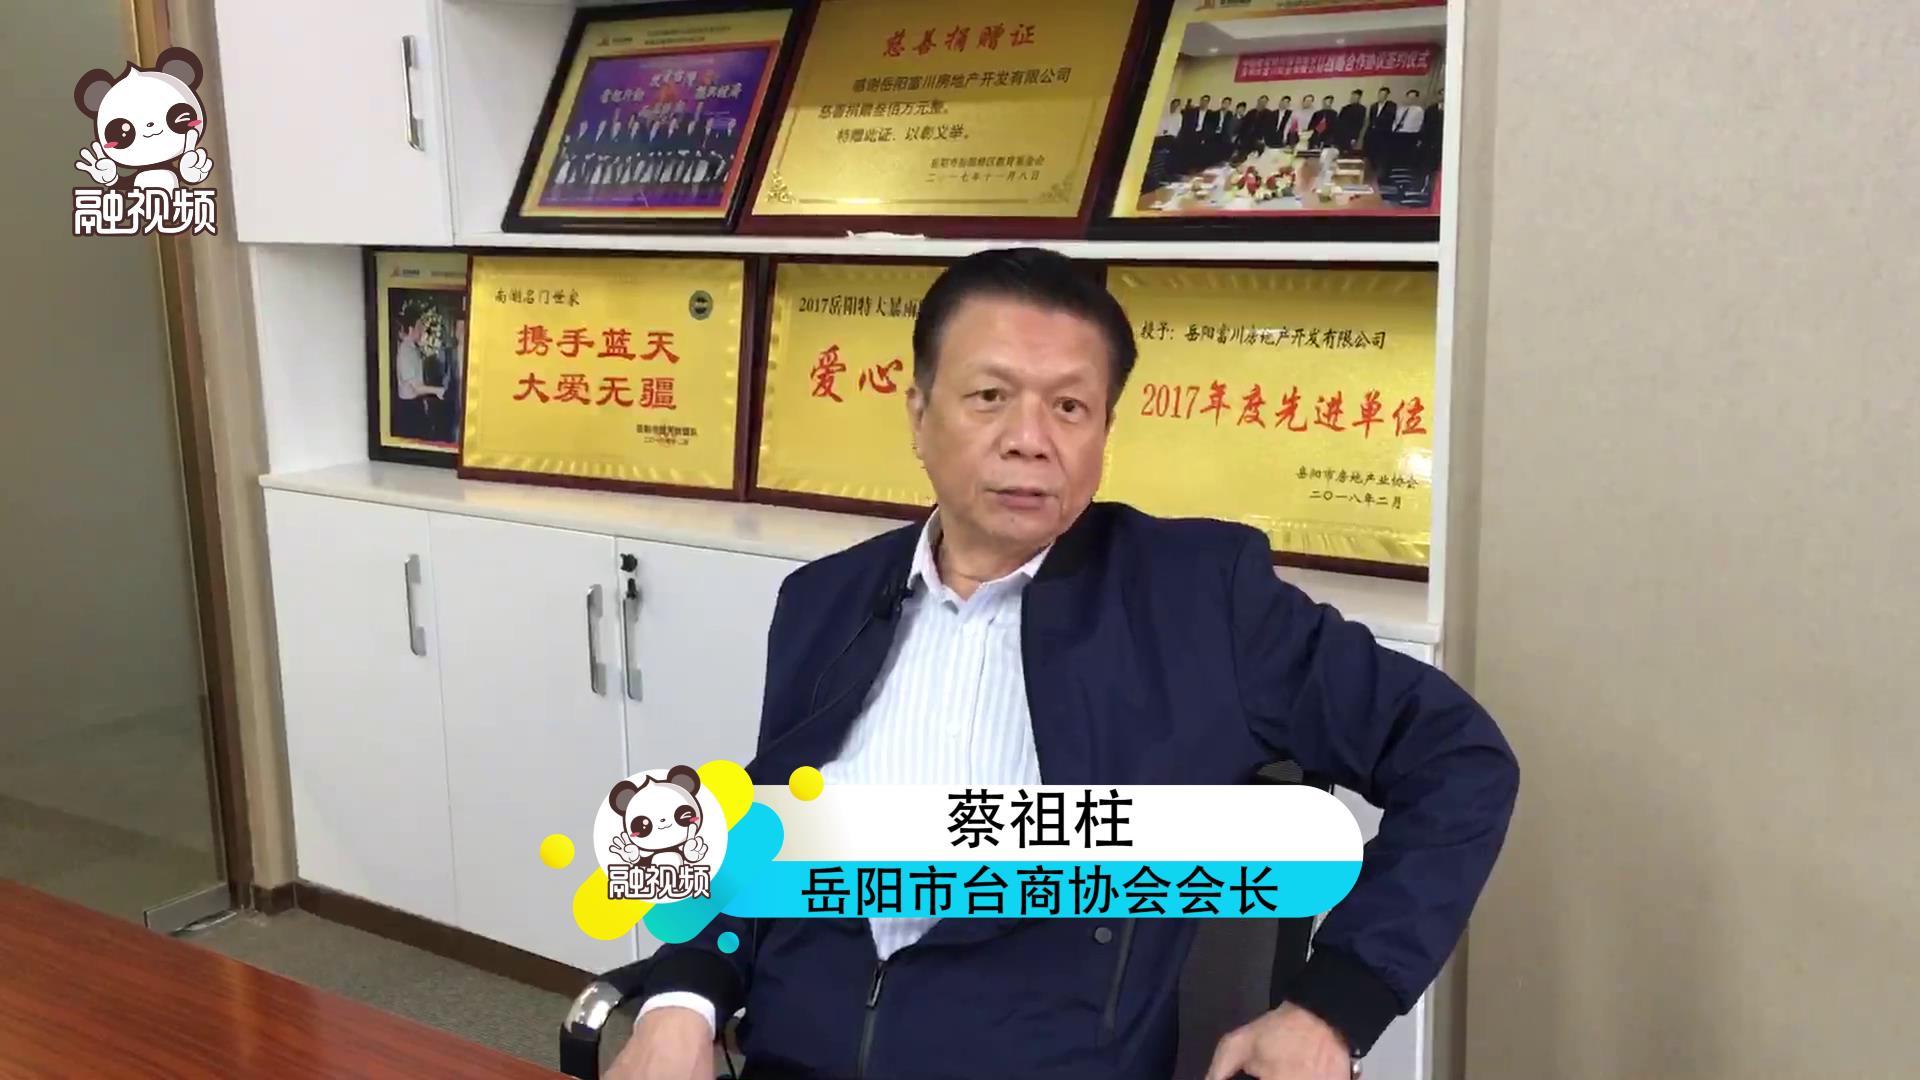 岳陽市臺商協會會長講述同等待遇圖片